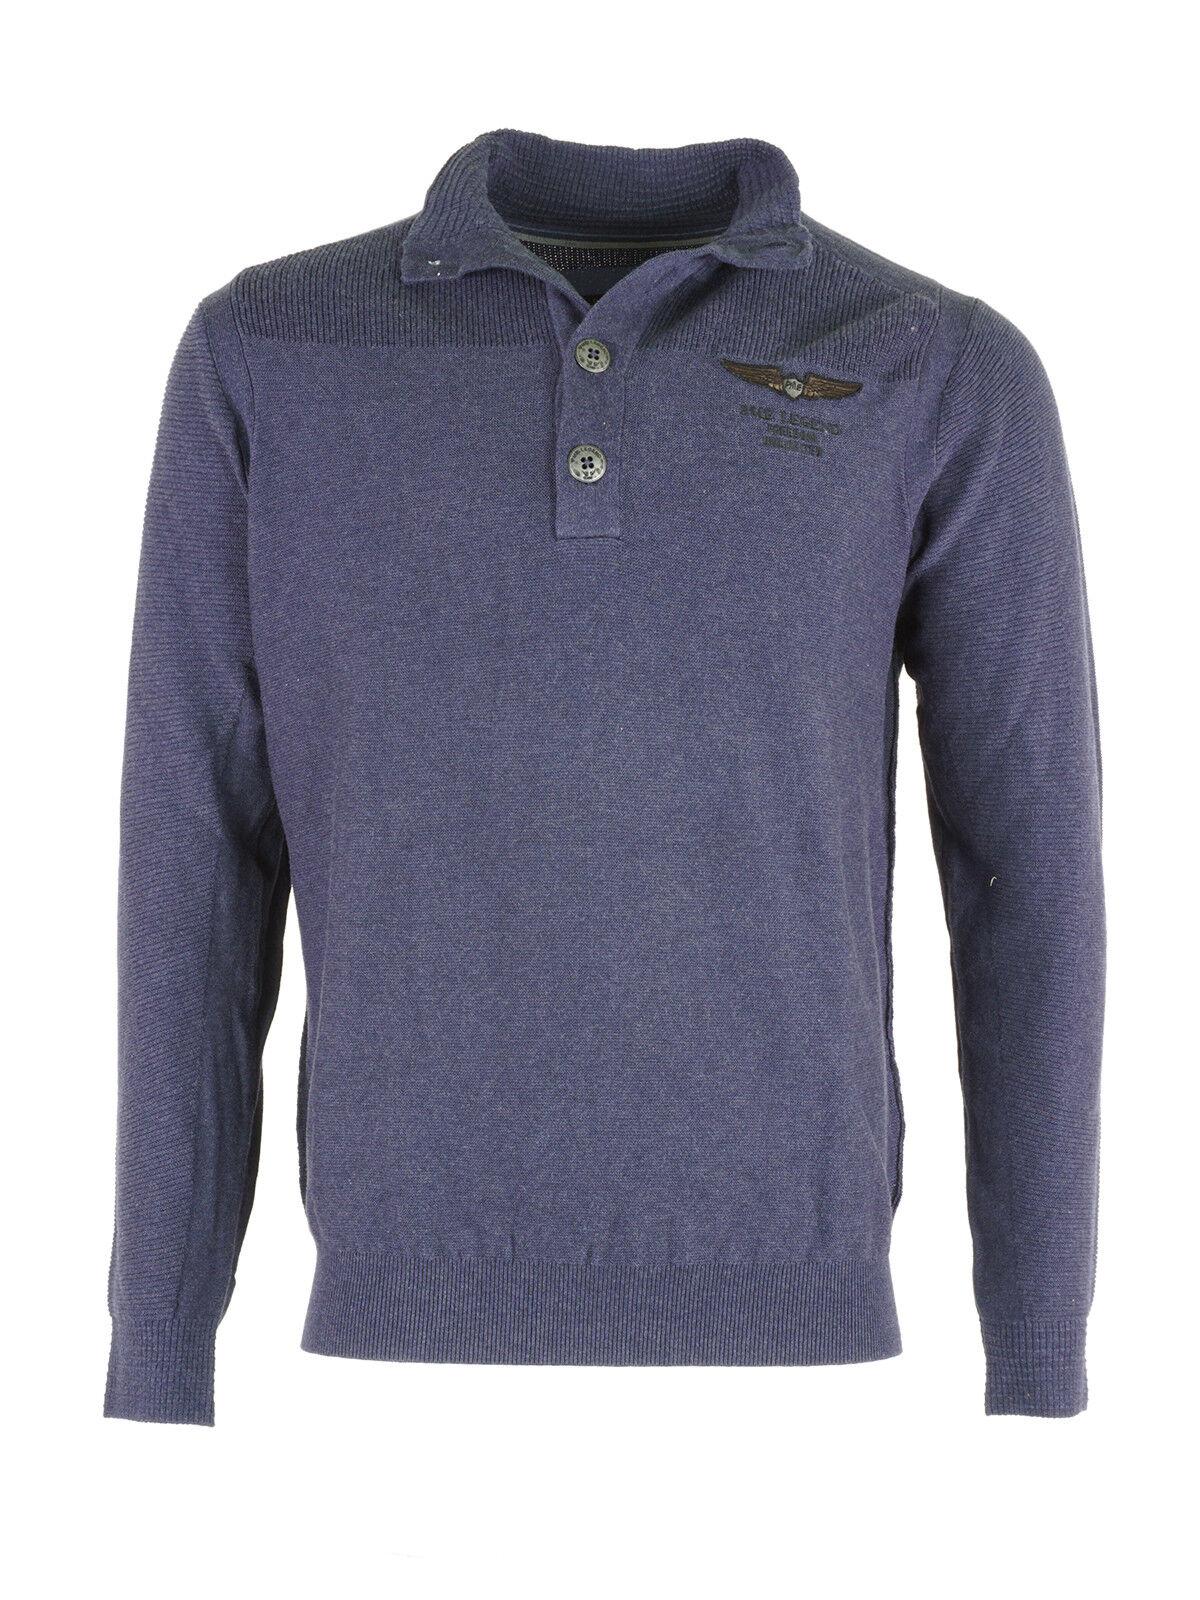 PME Legend Uomo Lavorazione Lavorazione Uomo a Maglia Pullover Sweater Knitwear Cotone Blu Blu Scuro 702516